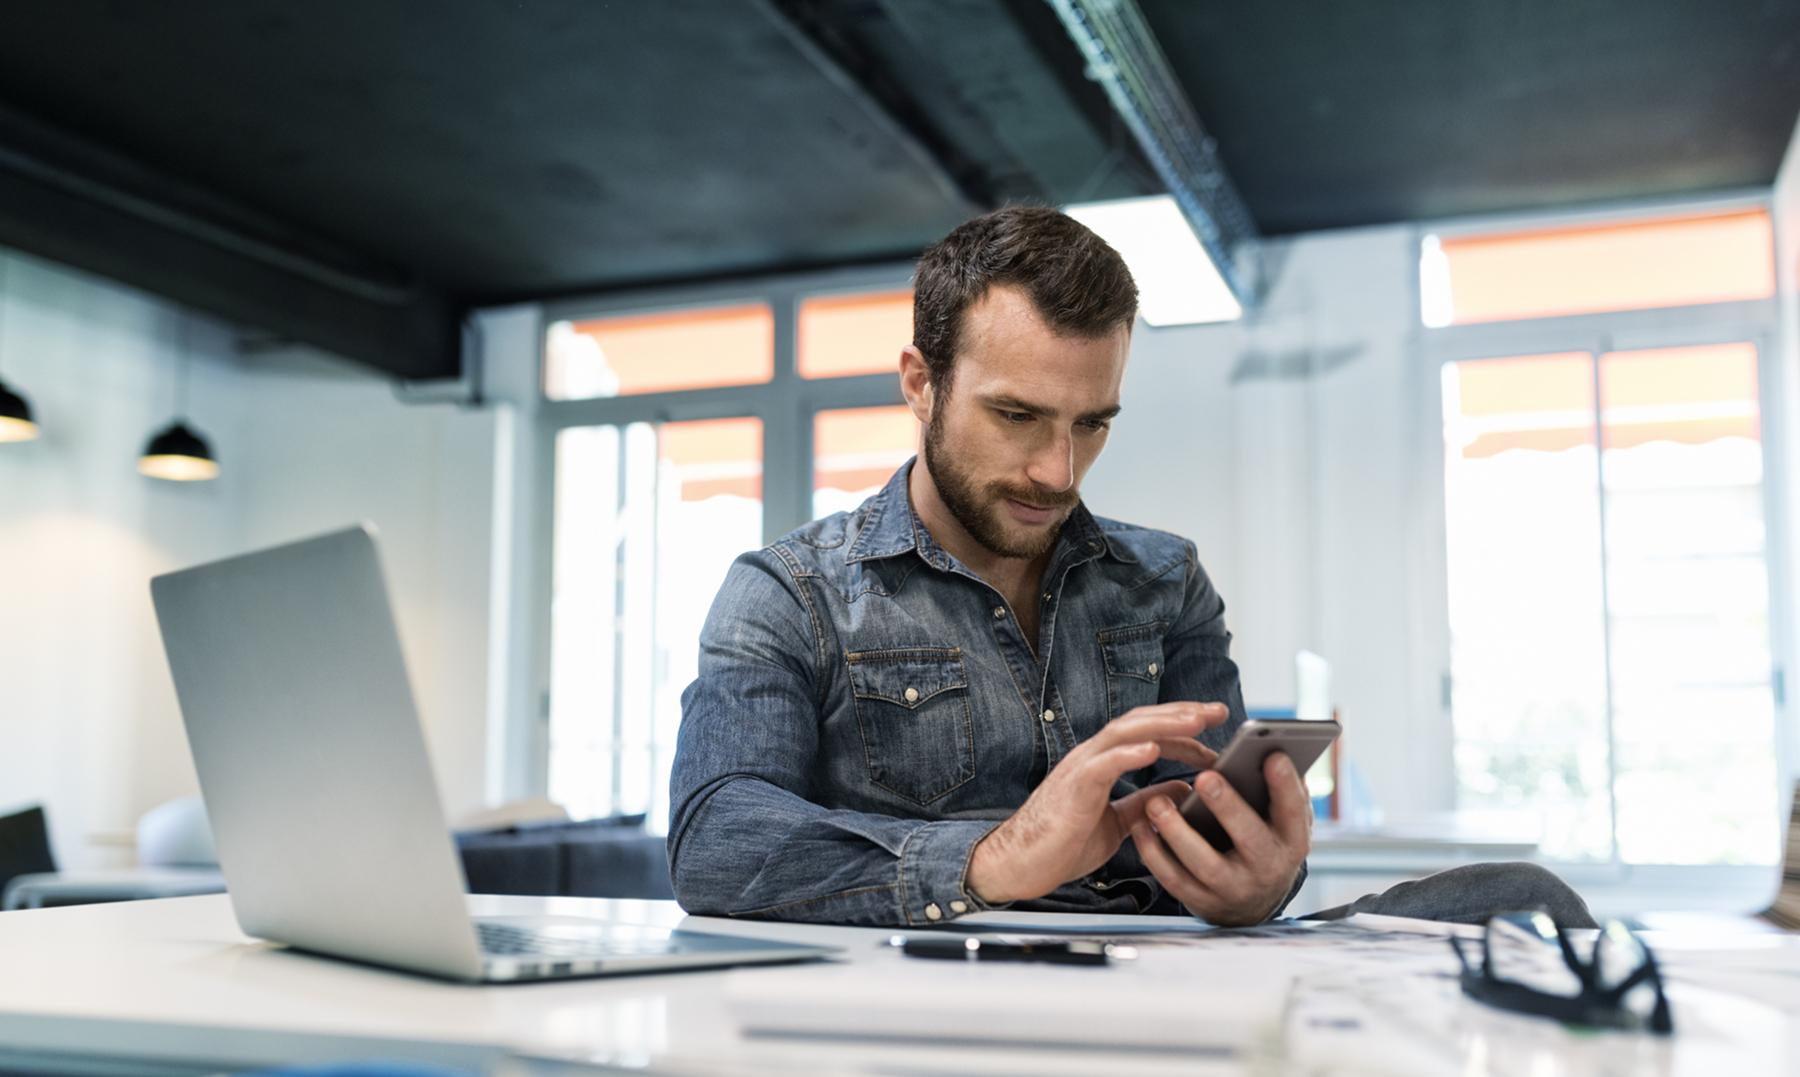 Man in modern office working on laptop.